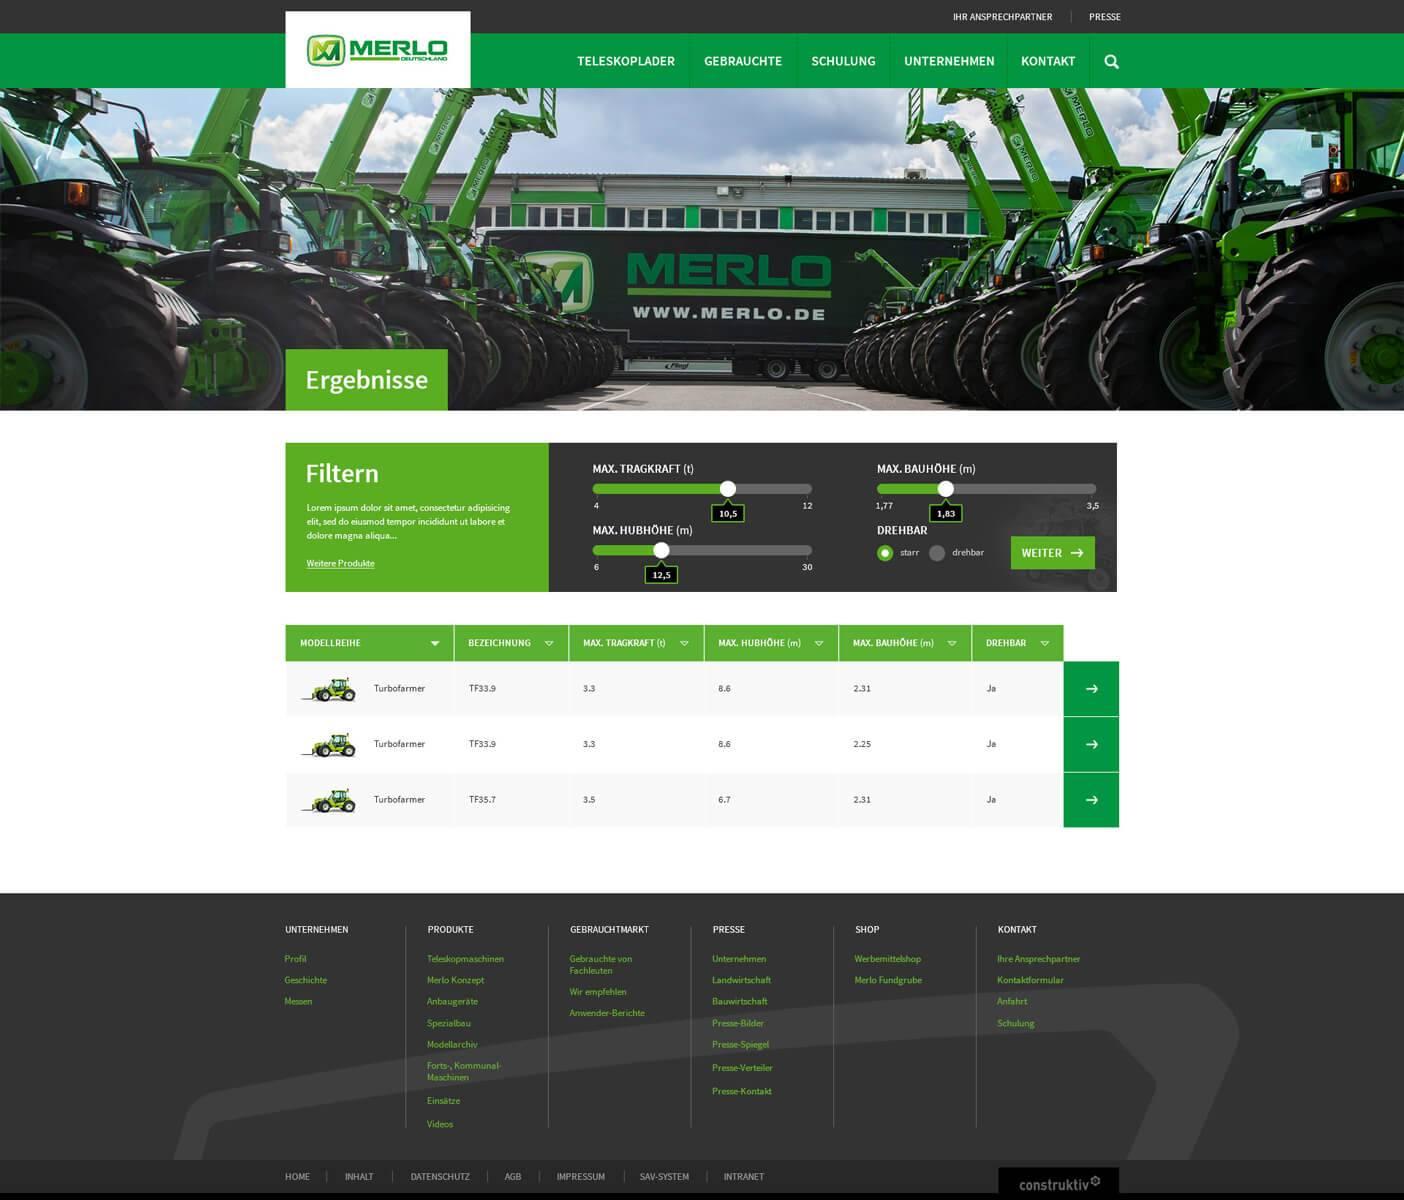 2016-05-02_Merlo-Produktfinder-Ergebnissliste